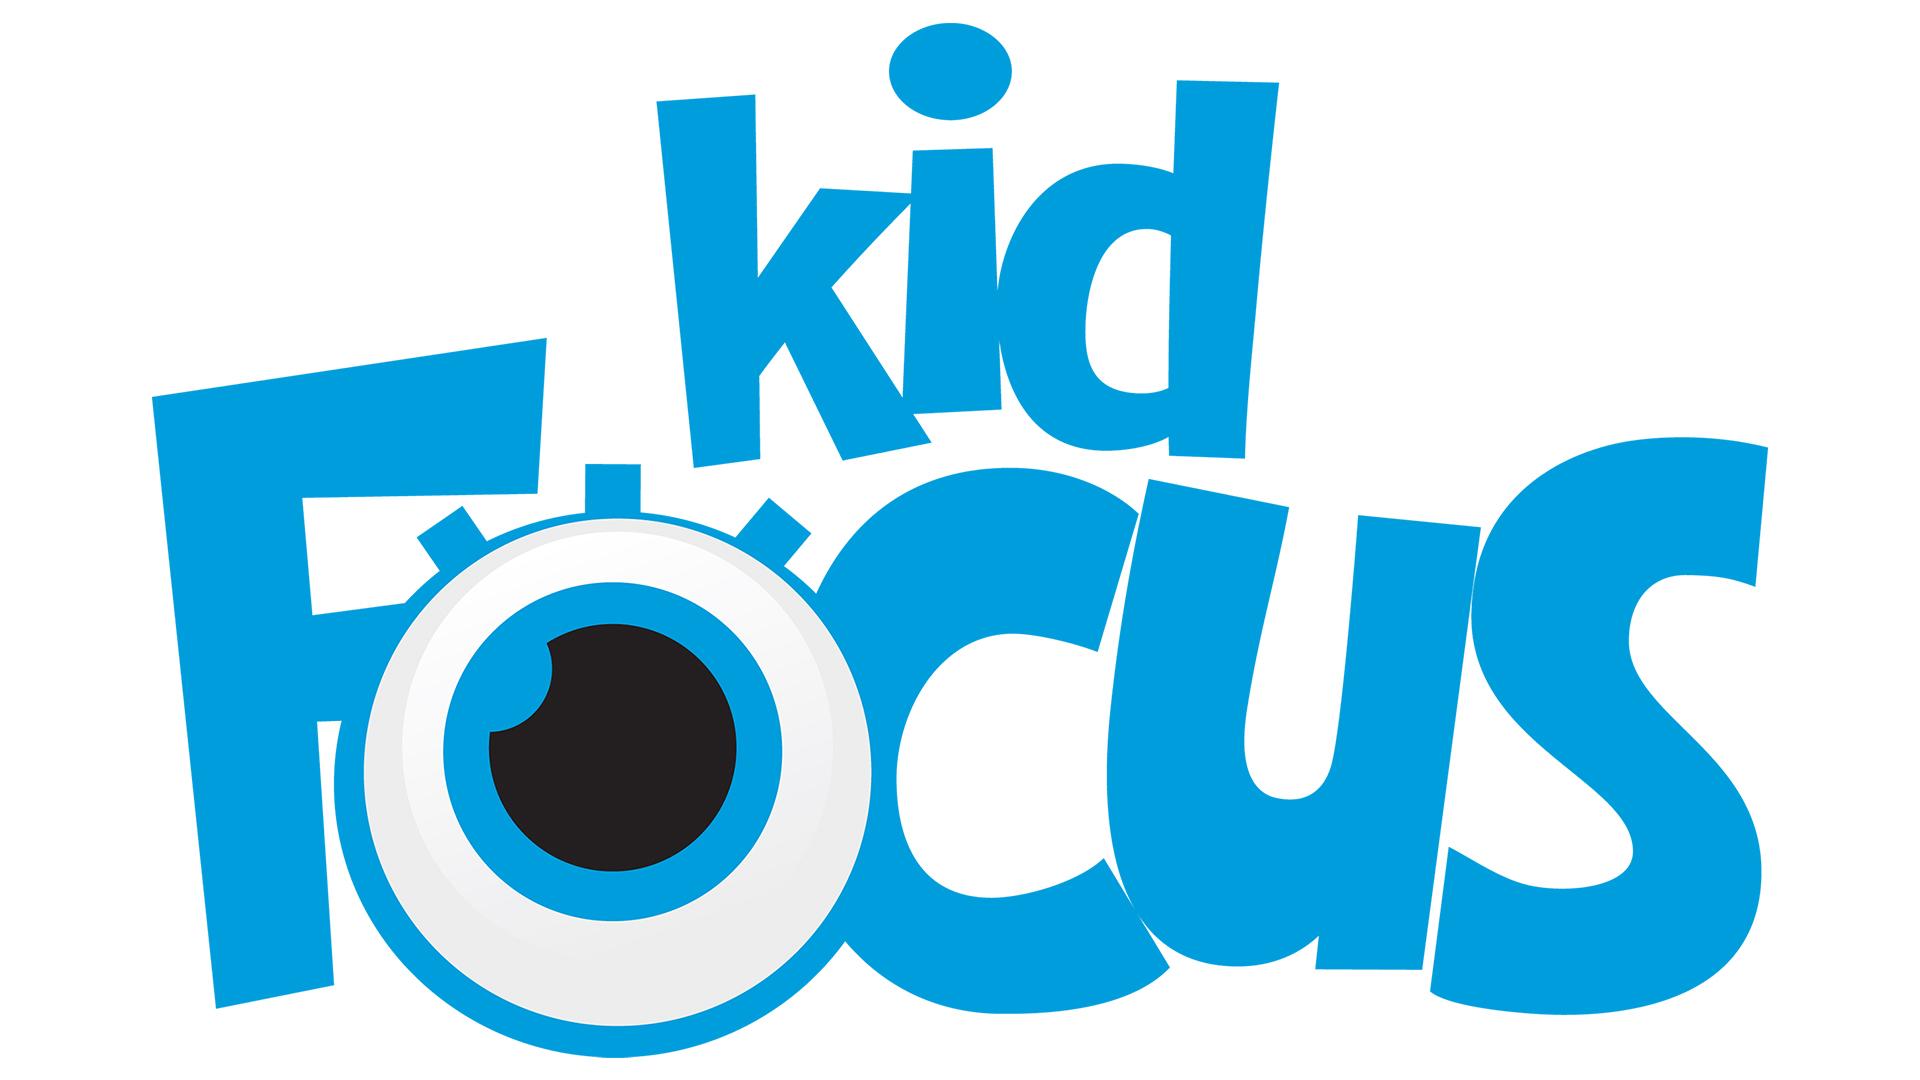 Kidfocuslogo